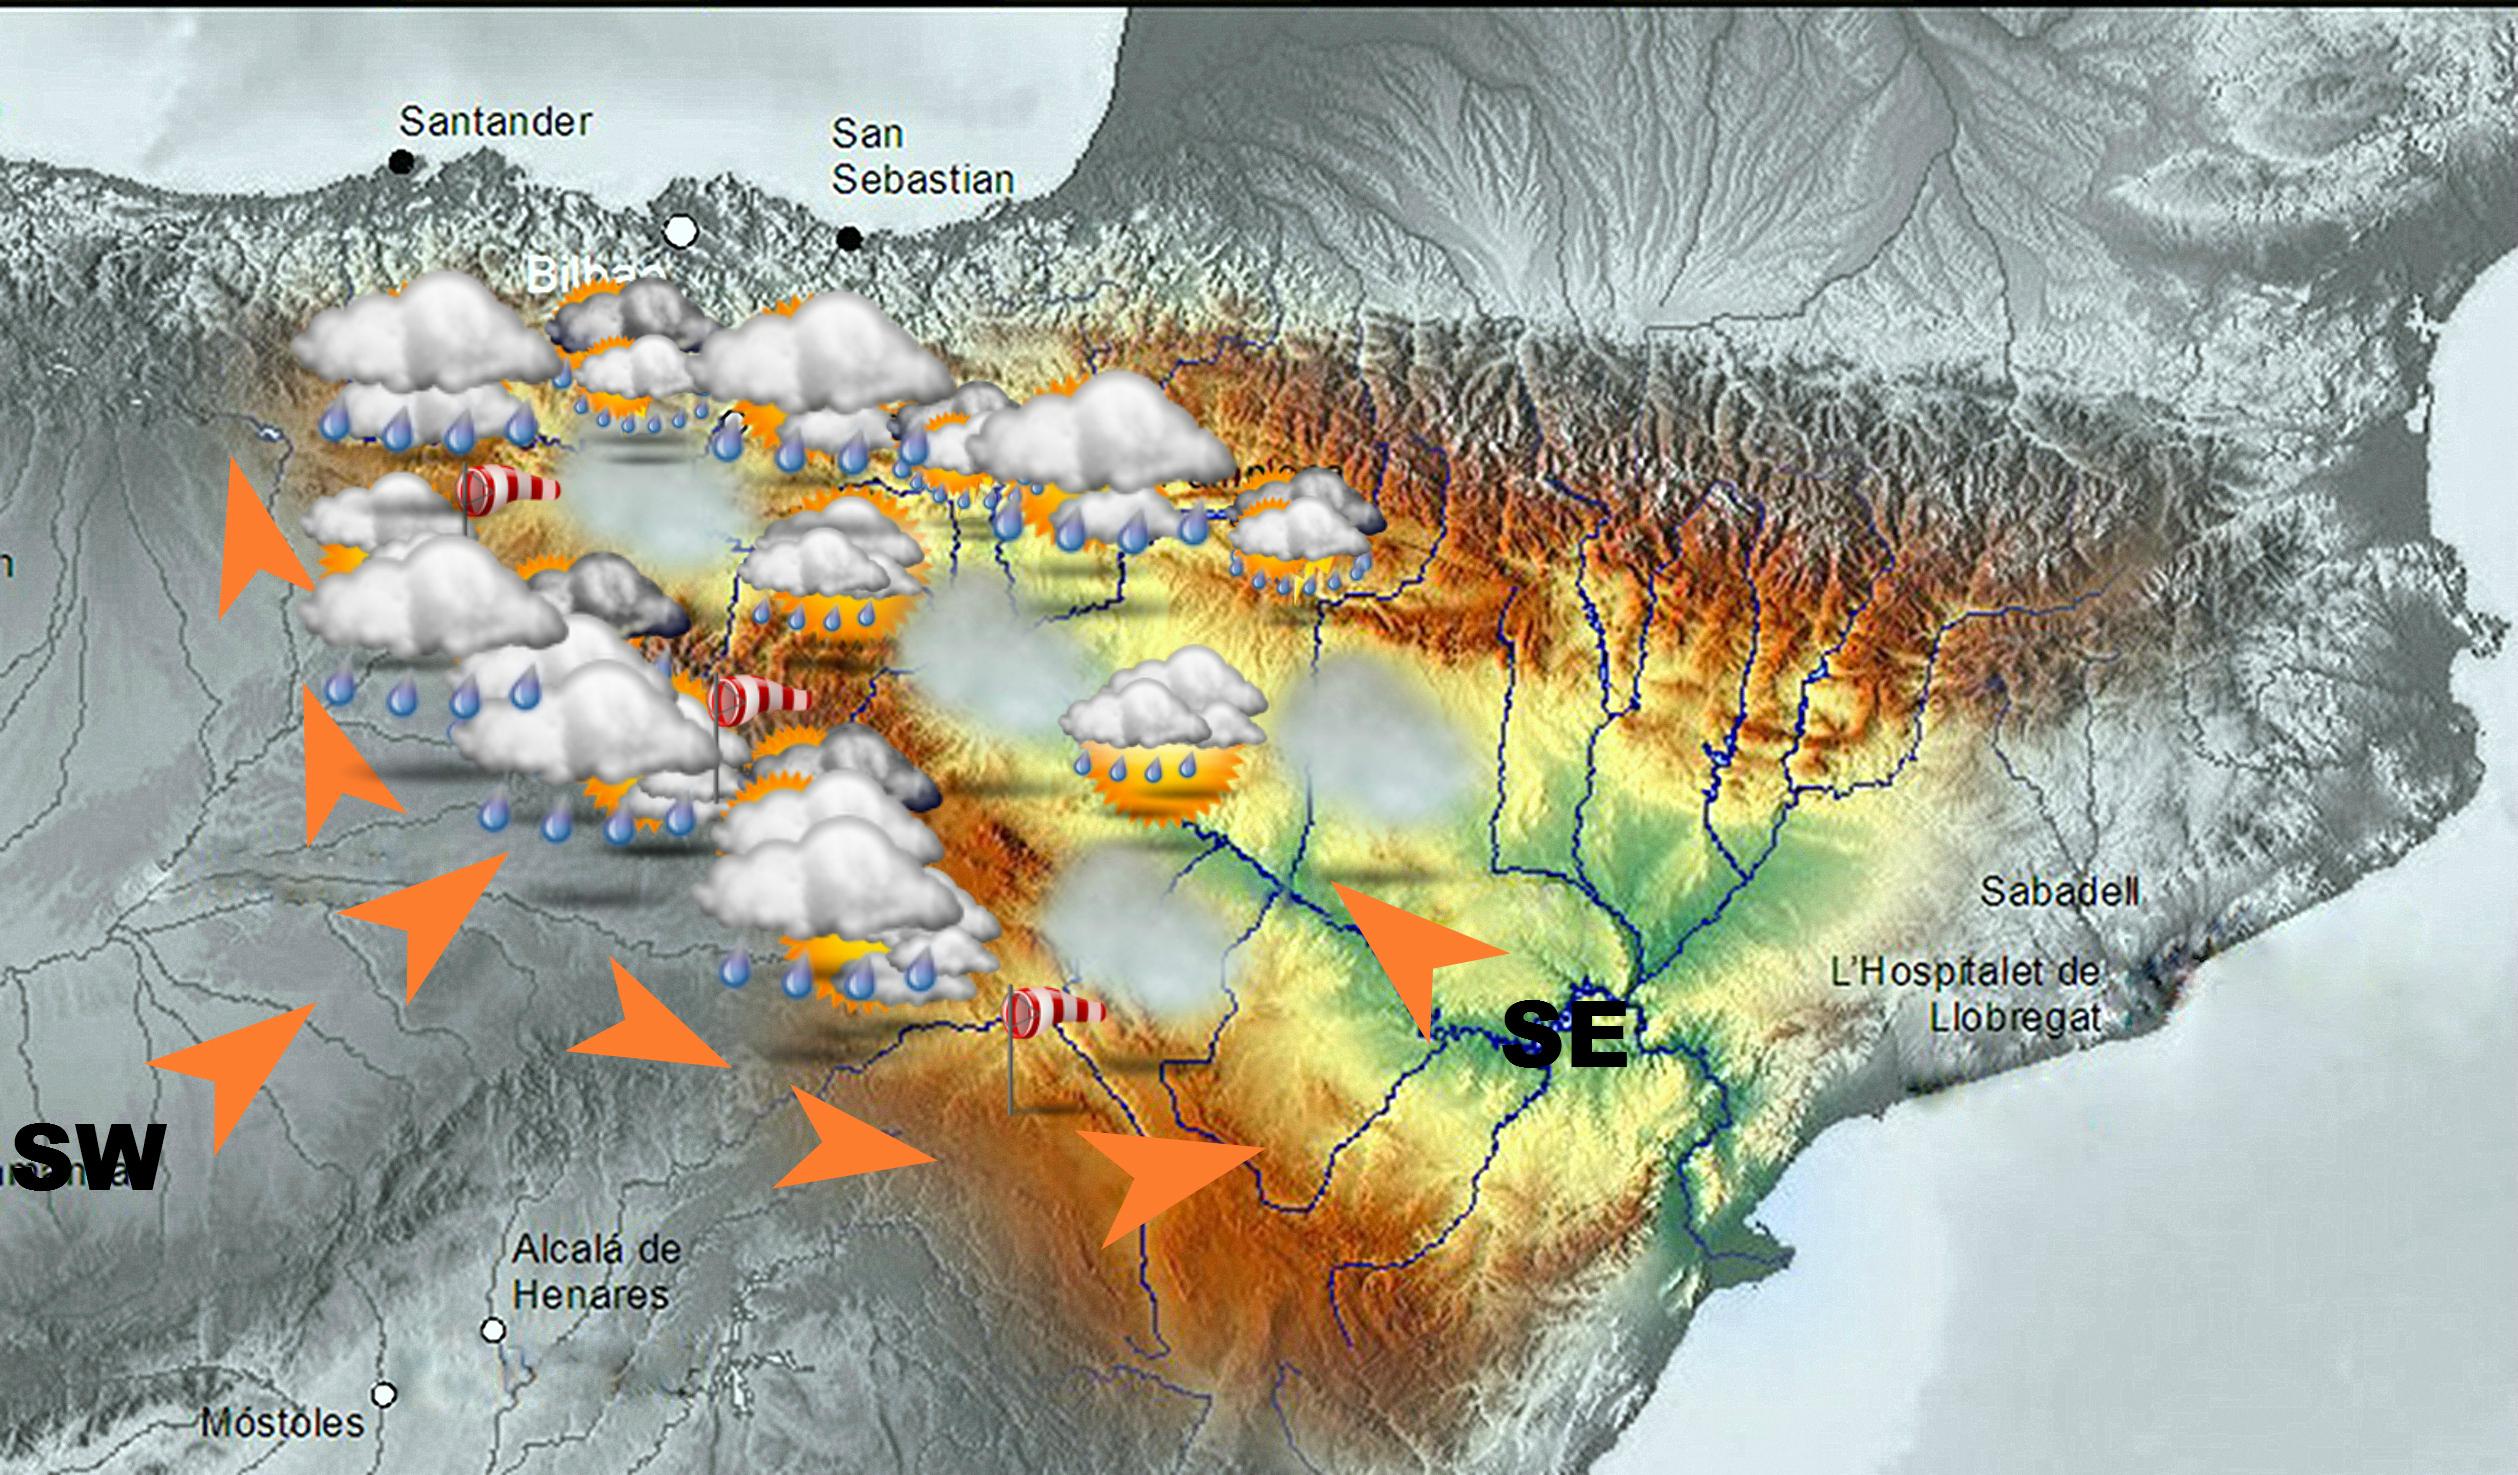 Mapa sgnificativo VALLE DEL EBRO de SW